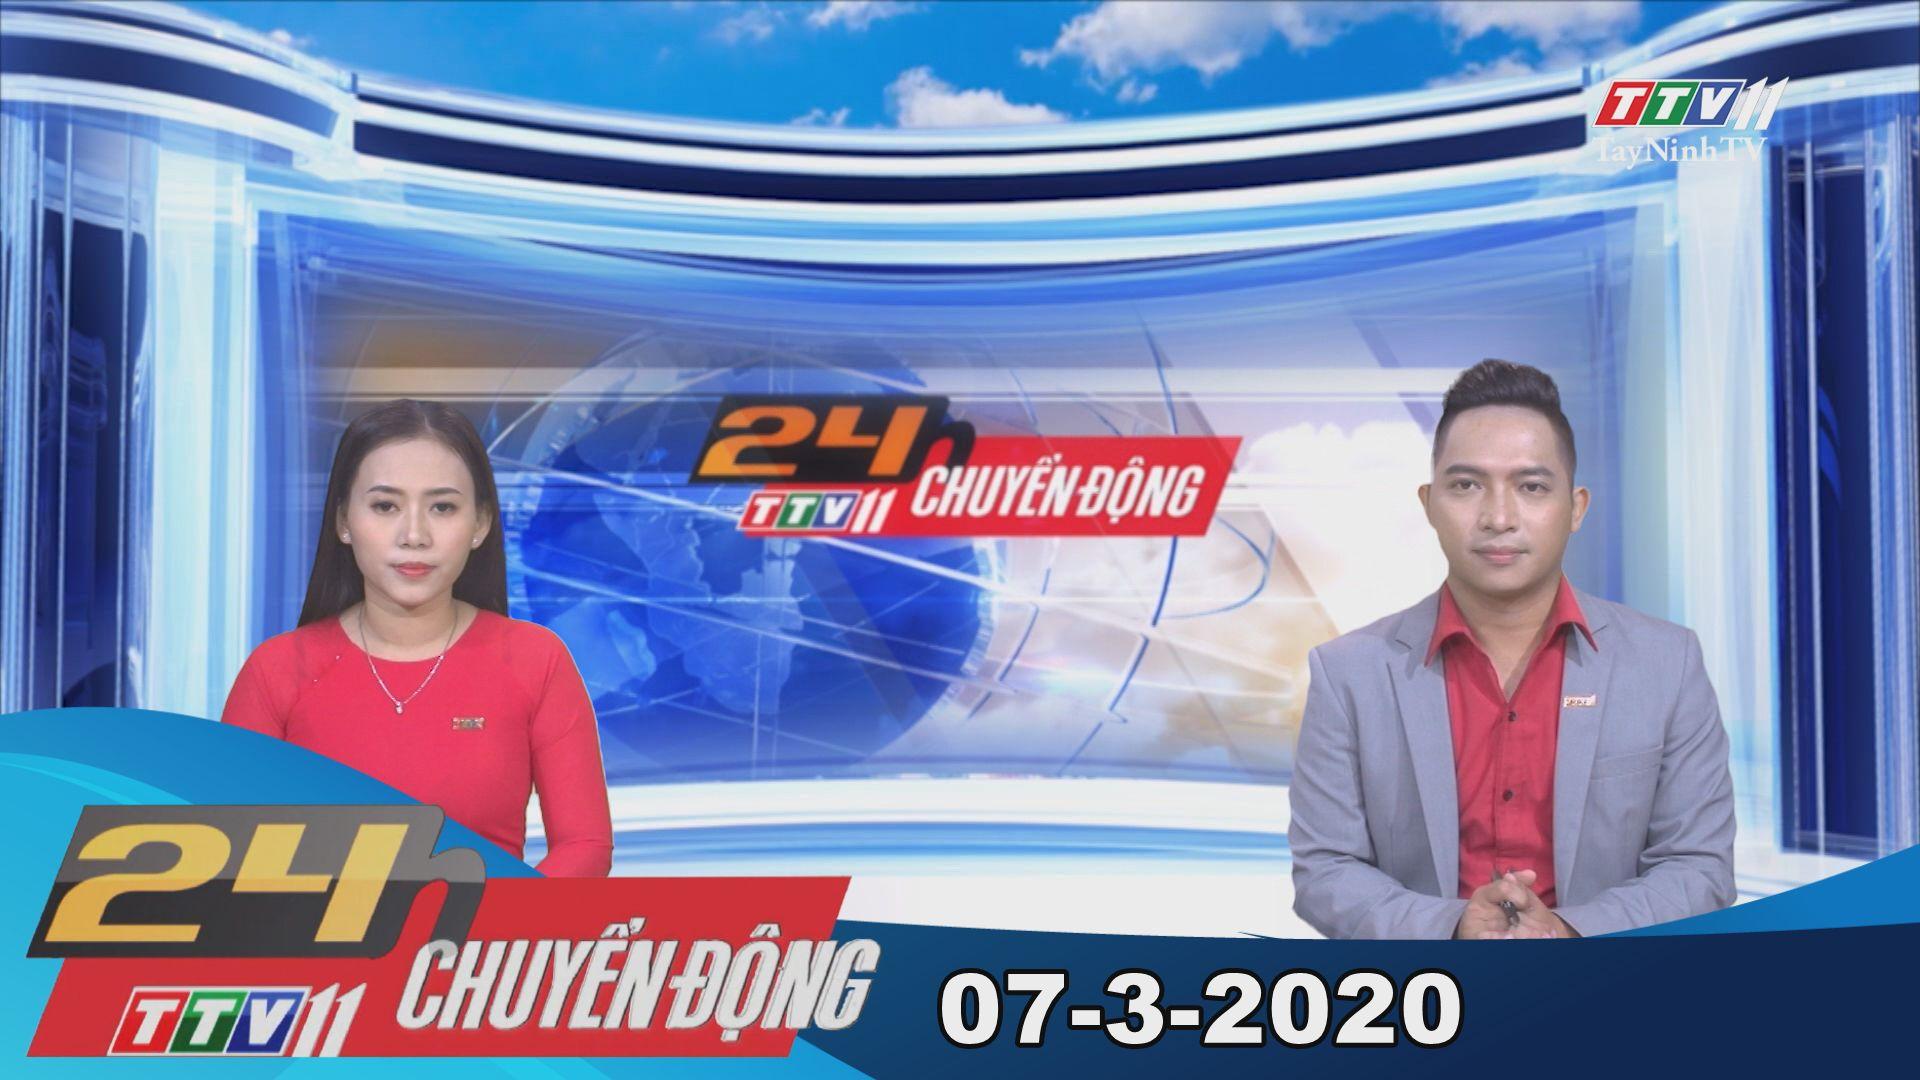 24h Chuyển động 07-3-2020 | Tin tức hôm nay | TayNinhTV